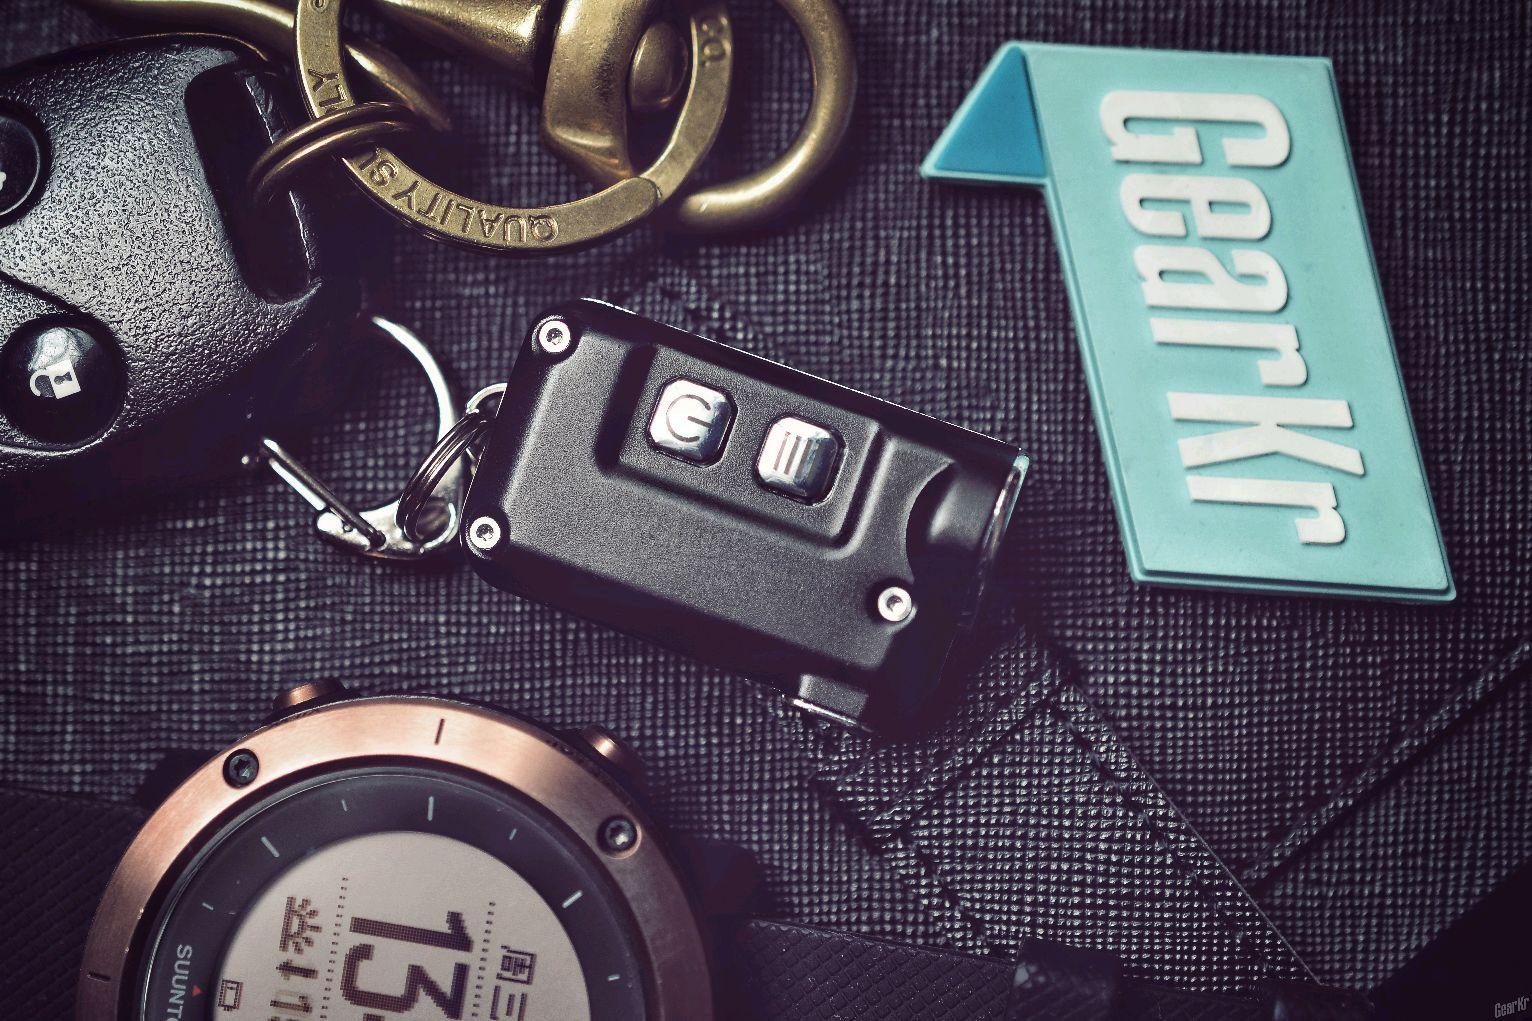 奈特科尔TINI 钥匙灯,我的随身备用手电。